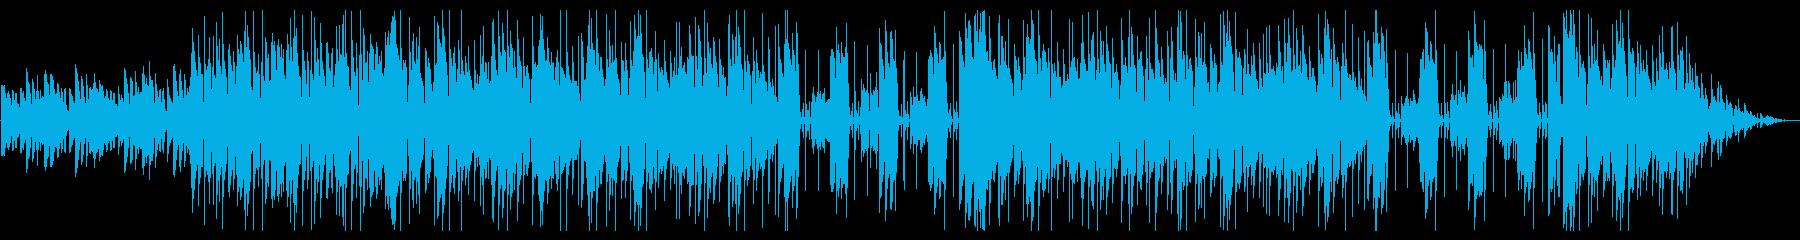 【おしゃれ系】爽やかなファンク風ピアノの再生済みの波形